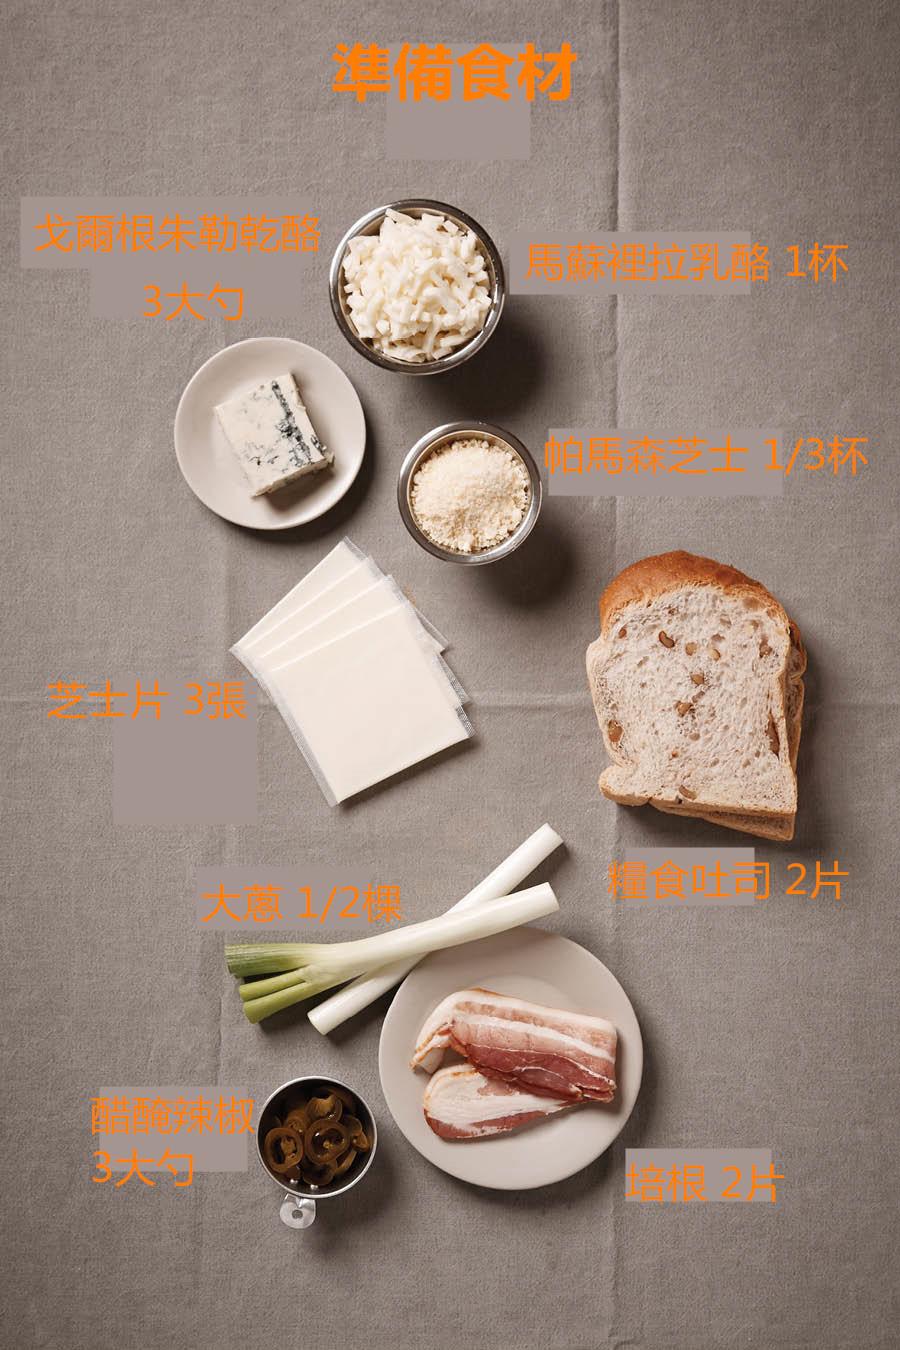 準備食材,超市裡都買得到~~一共4種起司,乾酪、起司條、起司粉、起司片,買不到的也可以省略掉。